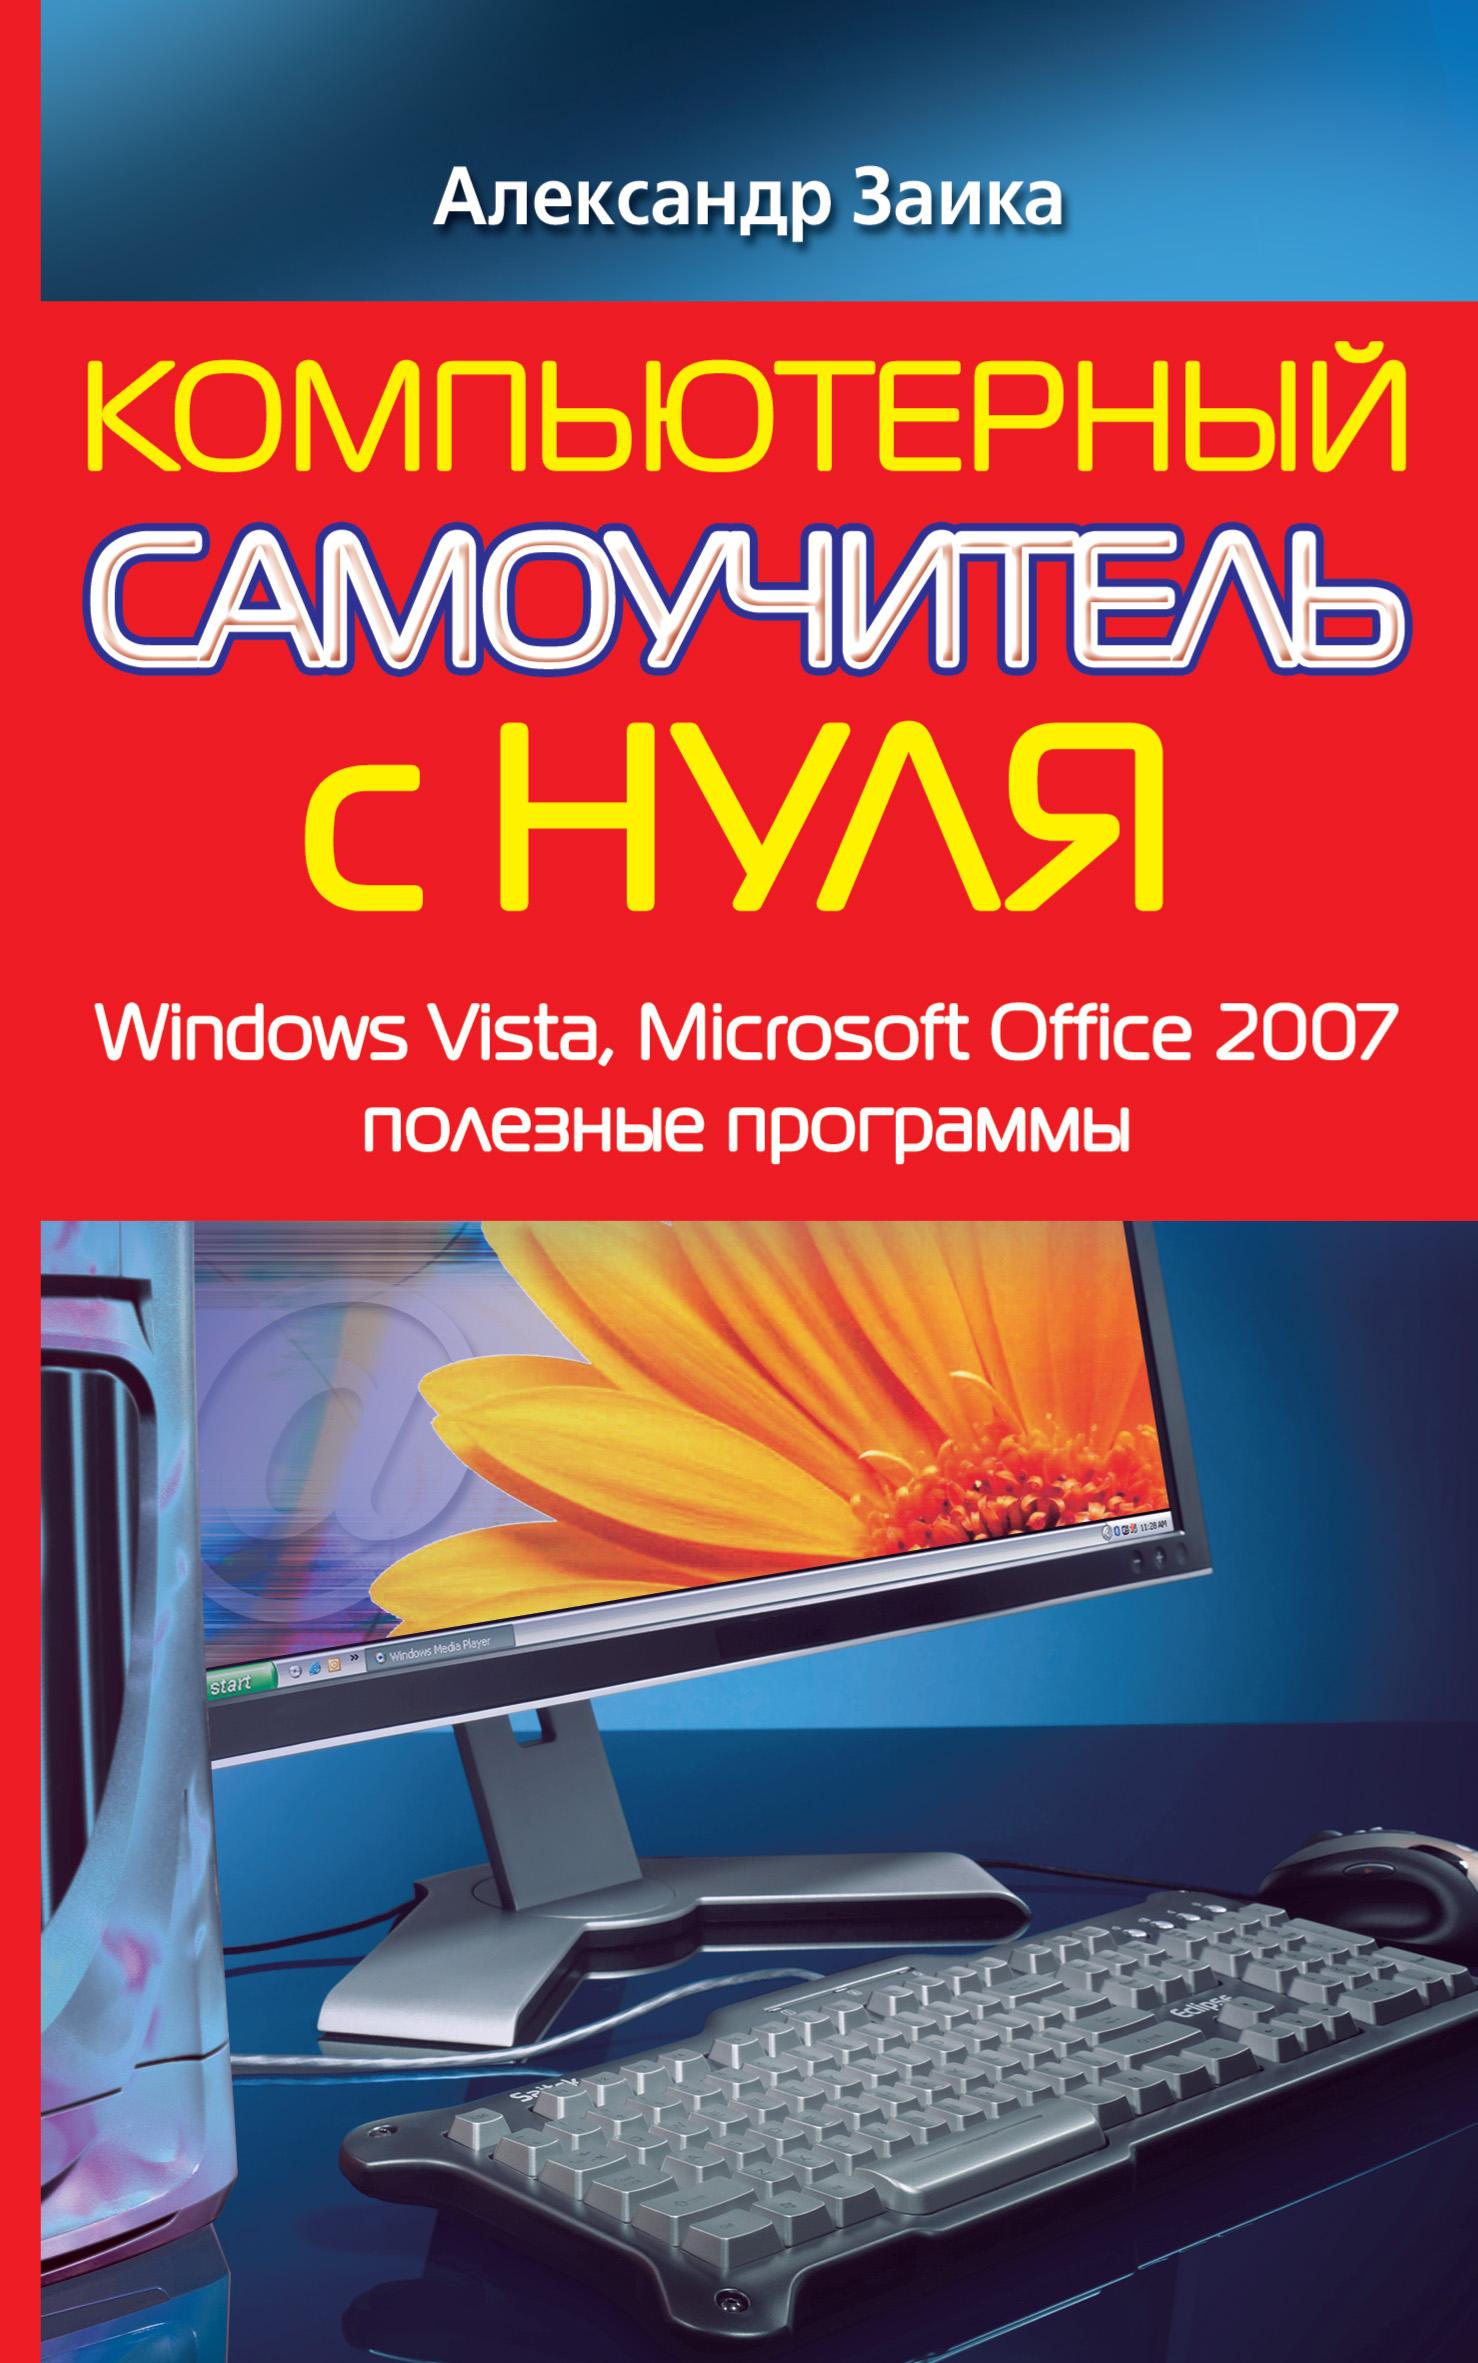 Александр Заика Компьютерный самоучитель с нуля. Windows Vista, Microsoft Office 2007, полезные программы барабаш а самоучитель популярных программ word 2007 excel 2007 и эл почта